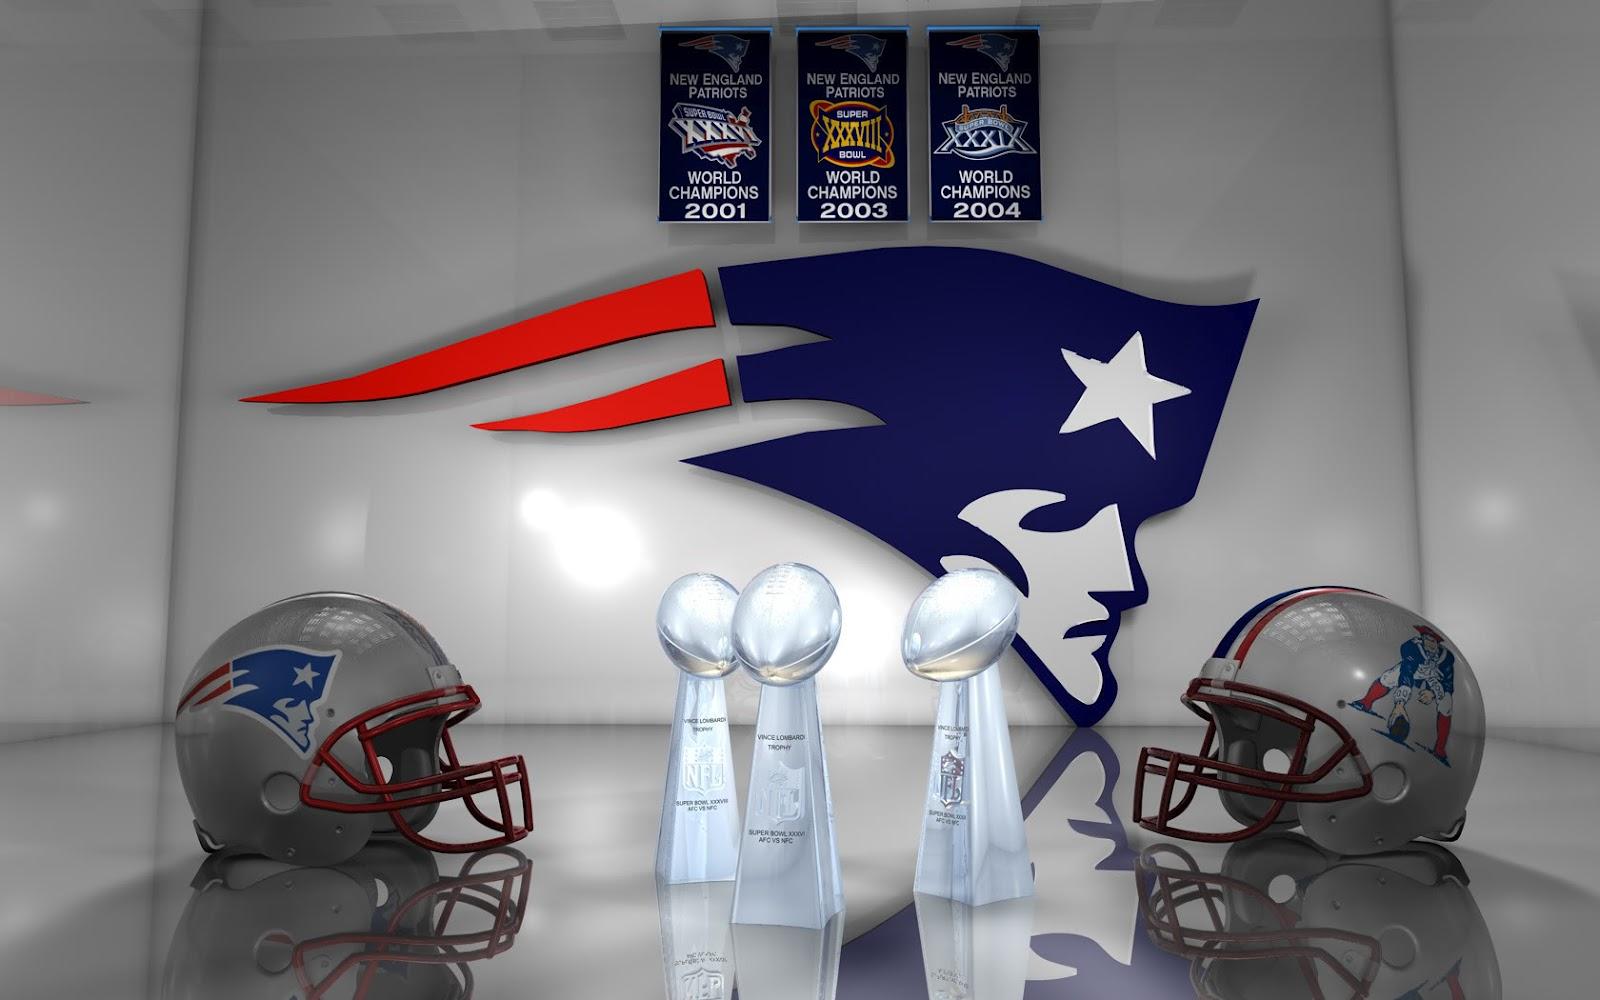 http://3.bp.blogspot.com/-Az0BMheecEU/UAHs_vhrCqI/AAAAAAAACv0/5Fptzo7fUfE/s1600/New_Englands_Logo_Awards_Helmets_HD_NFL_Desktop_Wallpaper-HidefWall.Blogspot.Com-.jpg